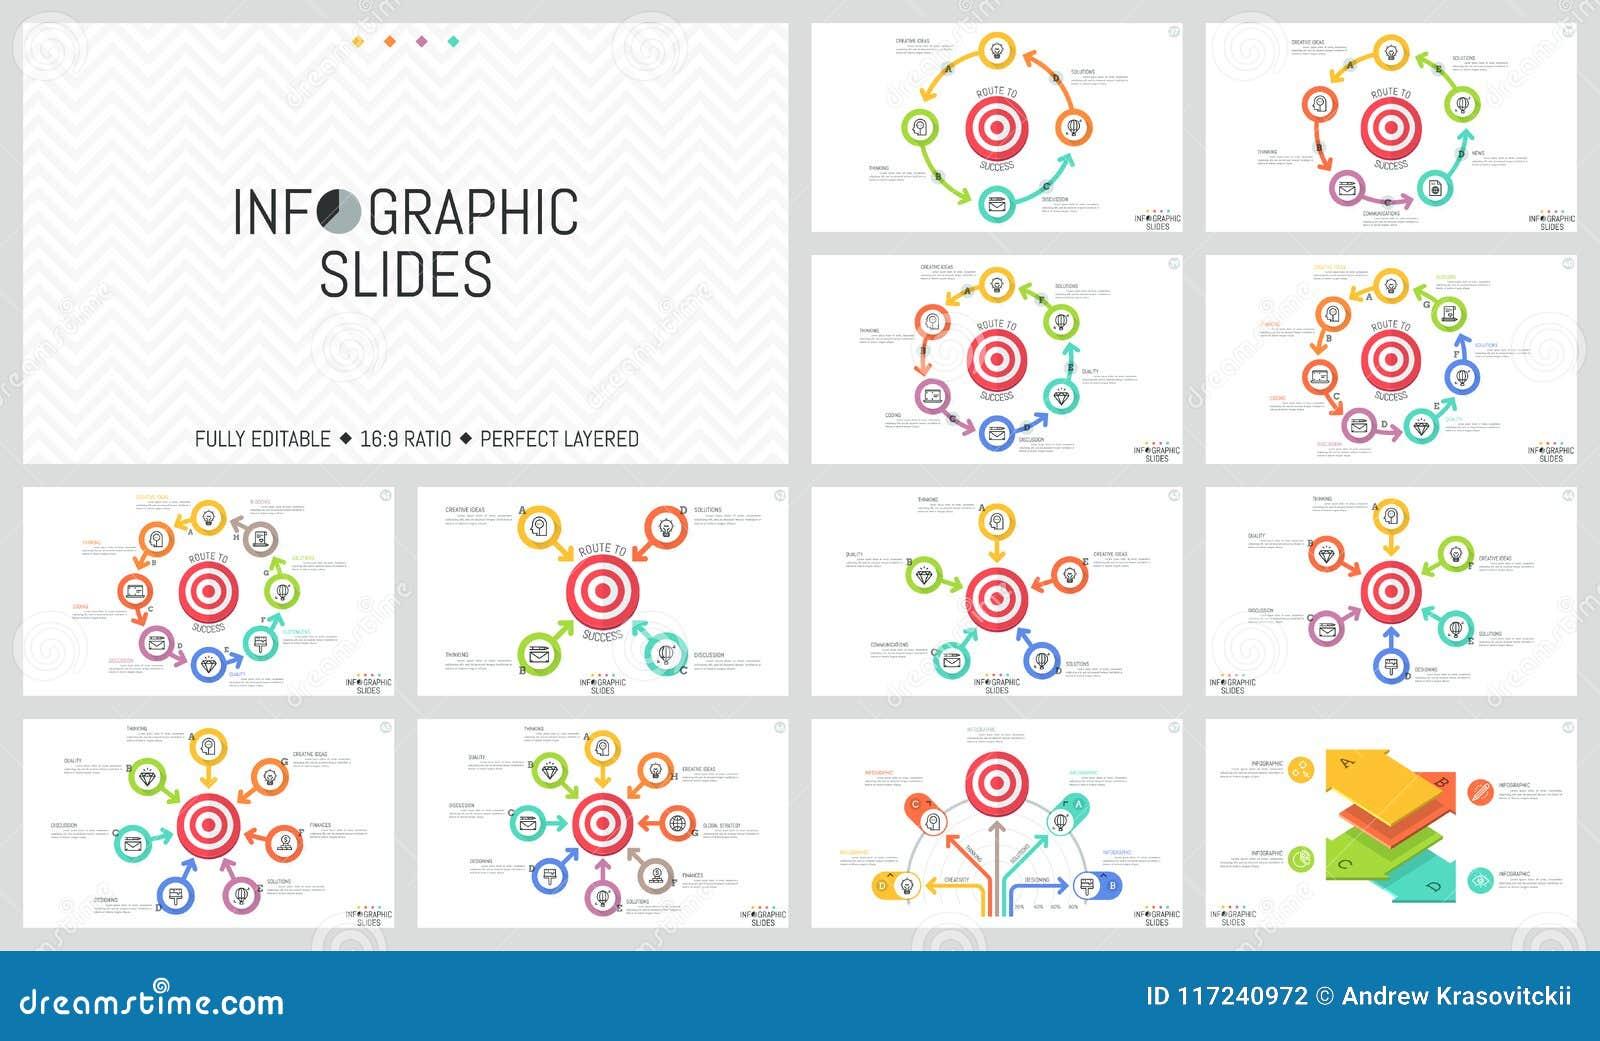 Pacote de disposições de projeto infographic minimalistas Elementos redondos com as setas colocadas em torno do alvo do tiro, obj